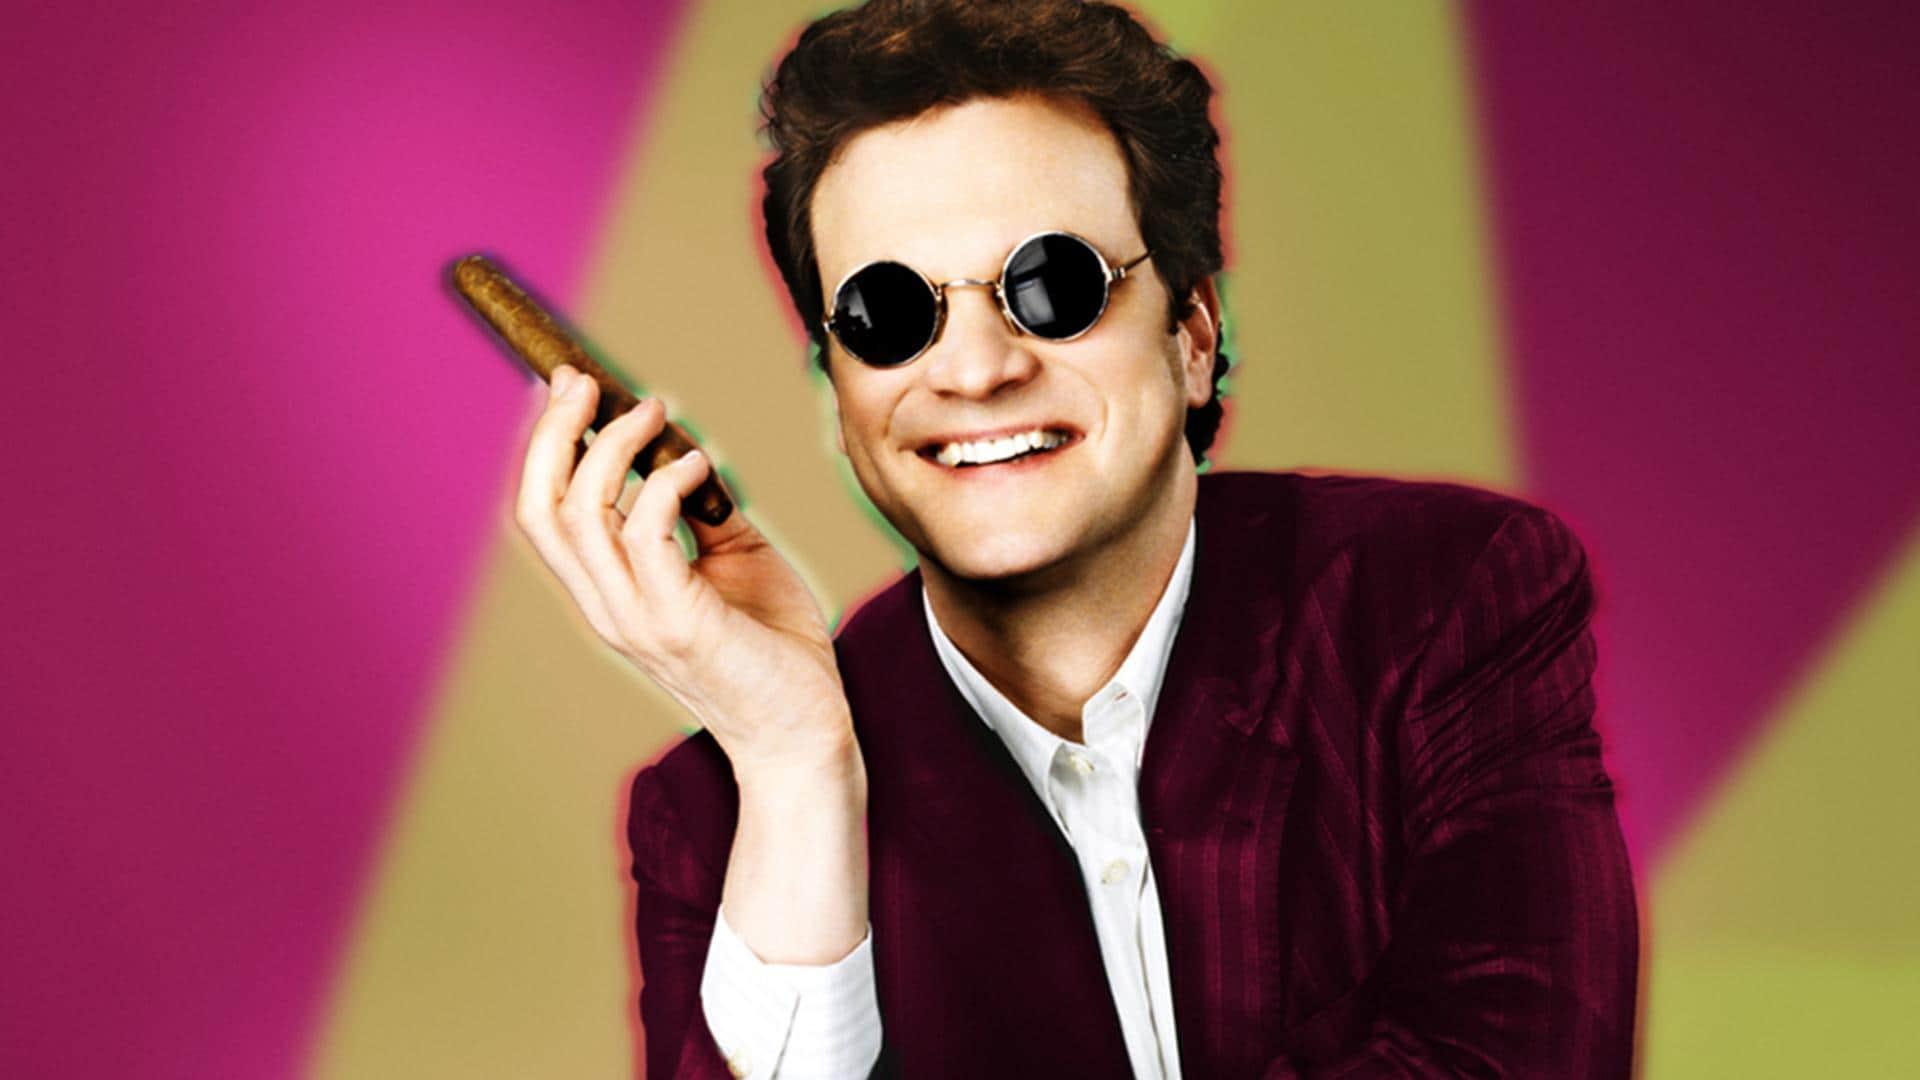 Colin Firth: March 6, 2004